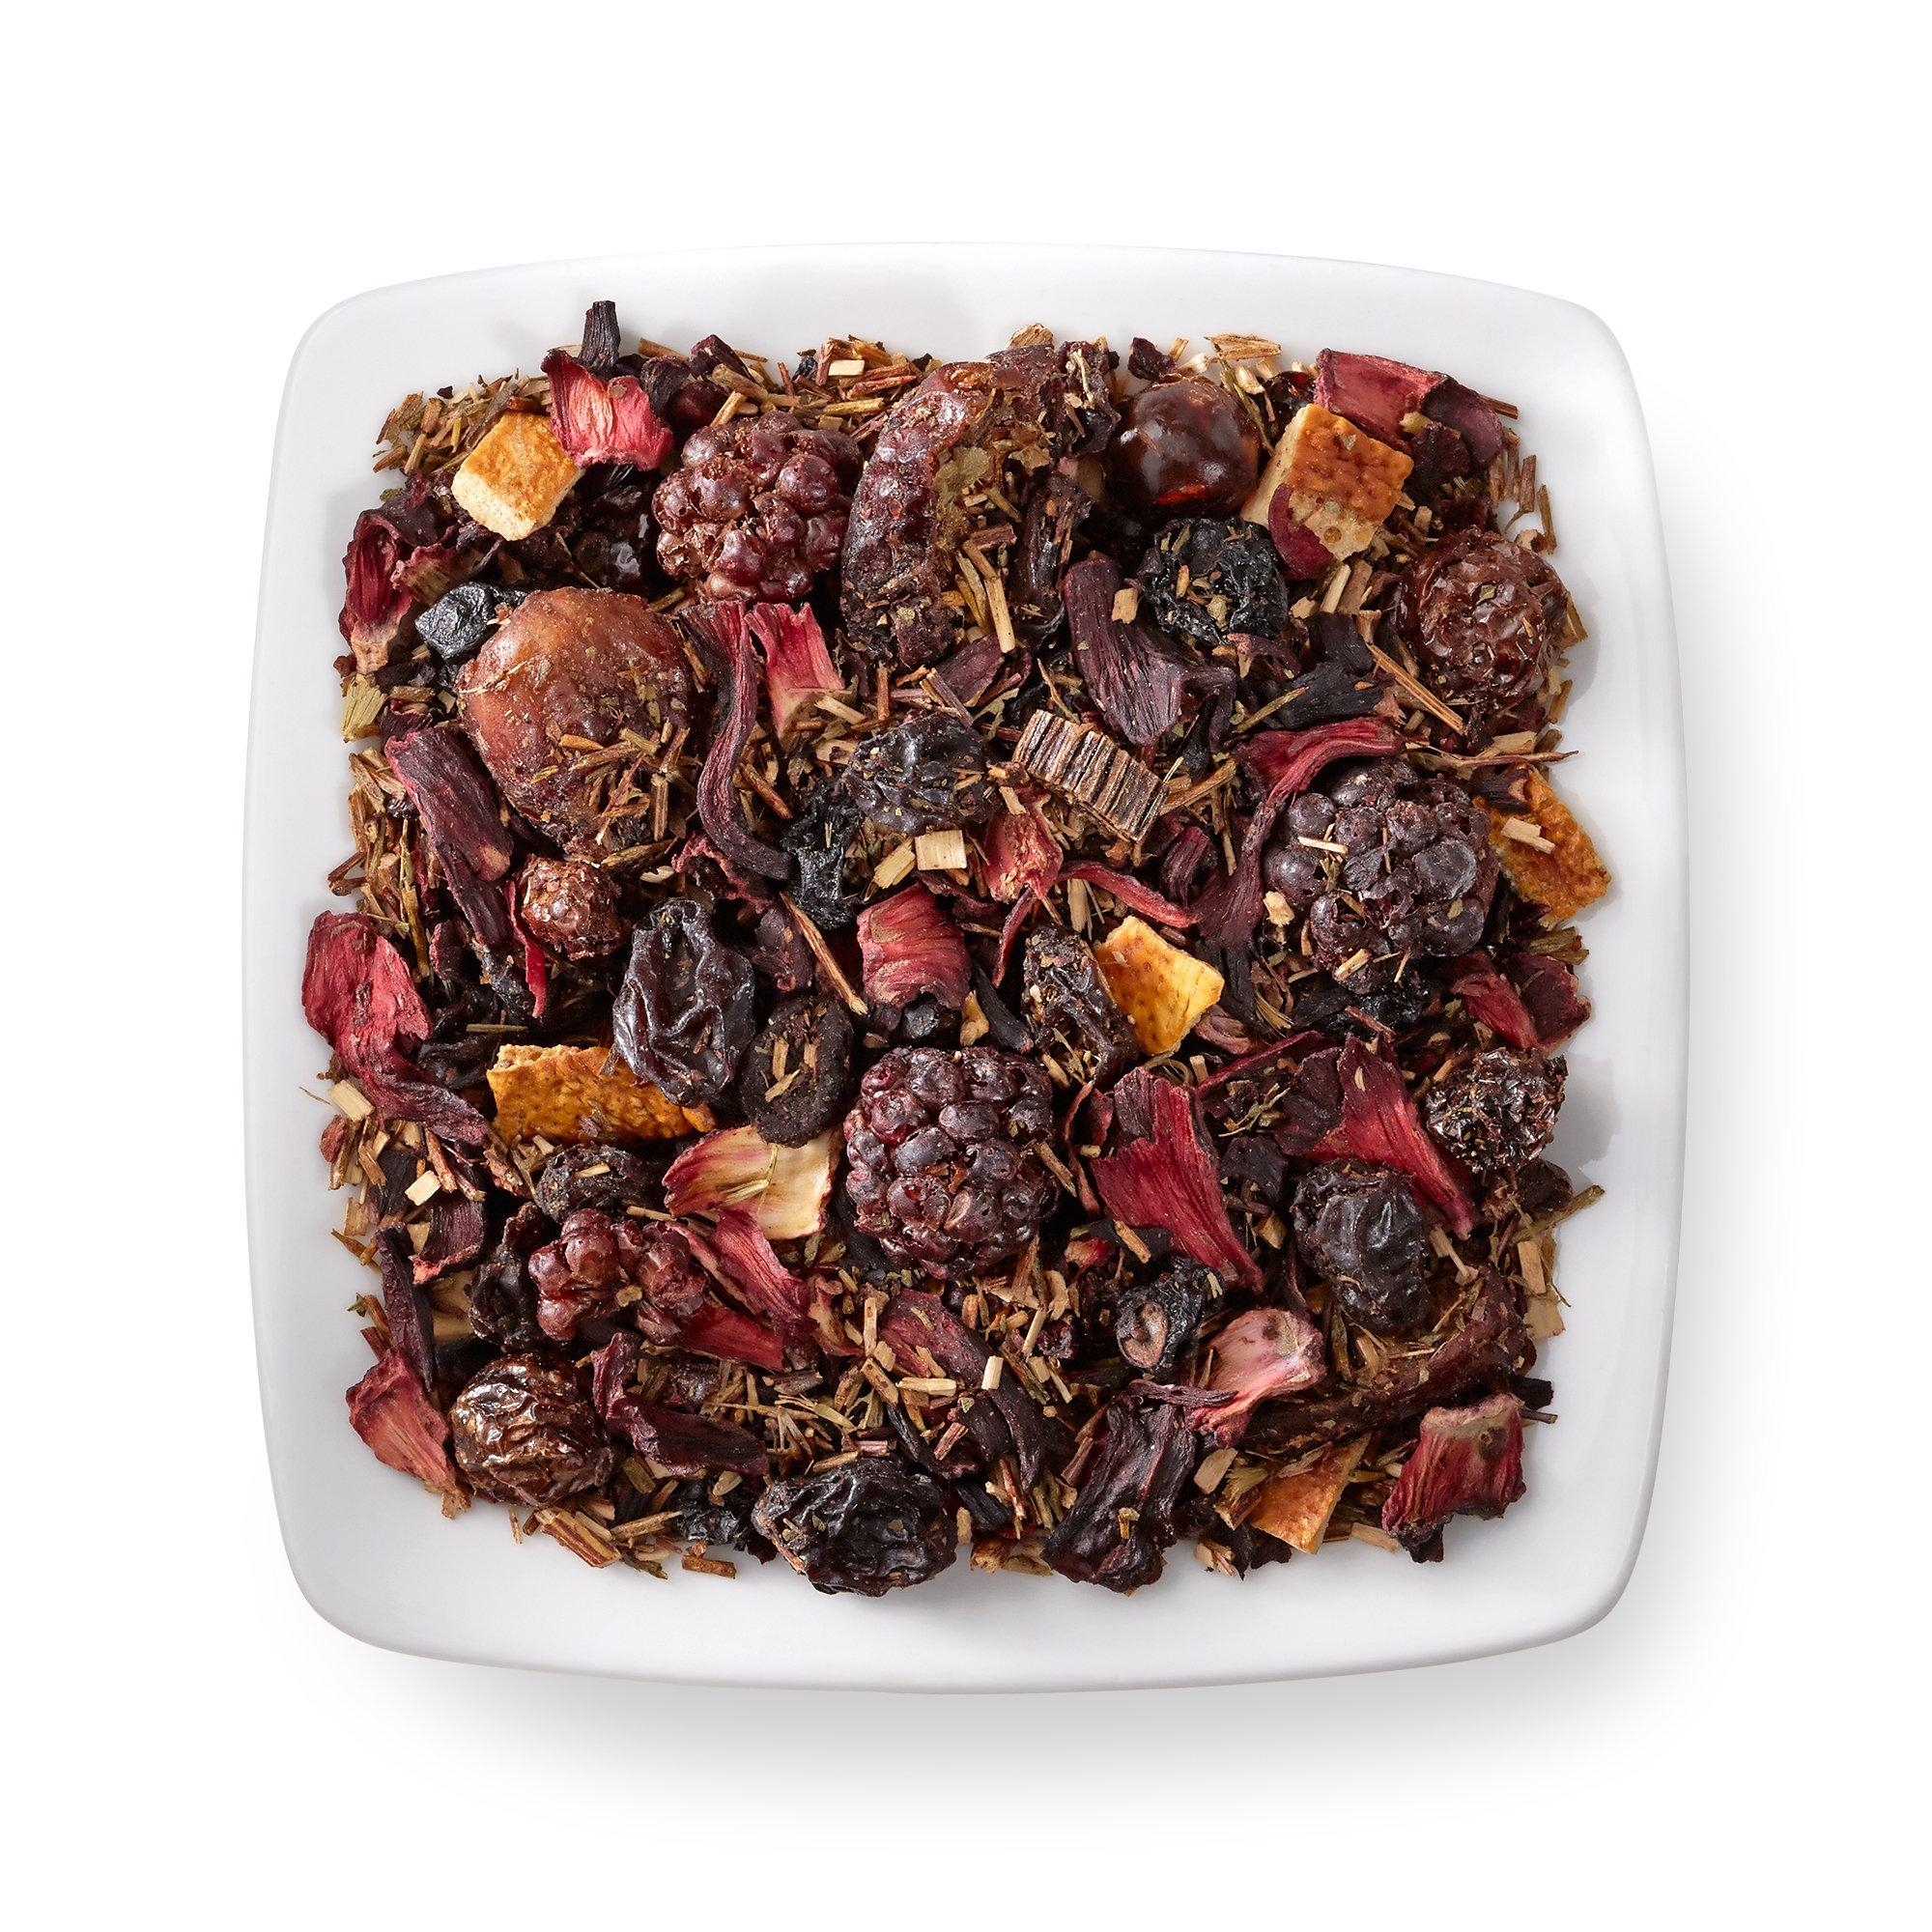 Teavana Opus Rouge Loose-Leaf Rooibos Tea, 2oz by Teavana